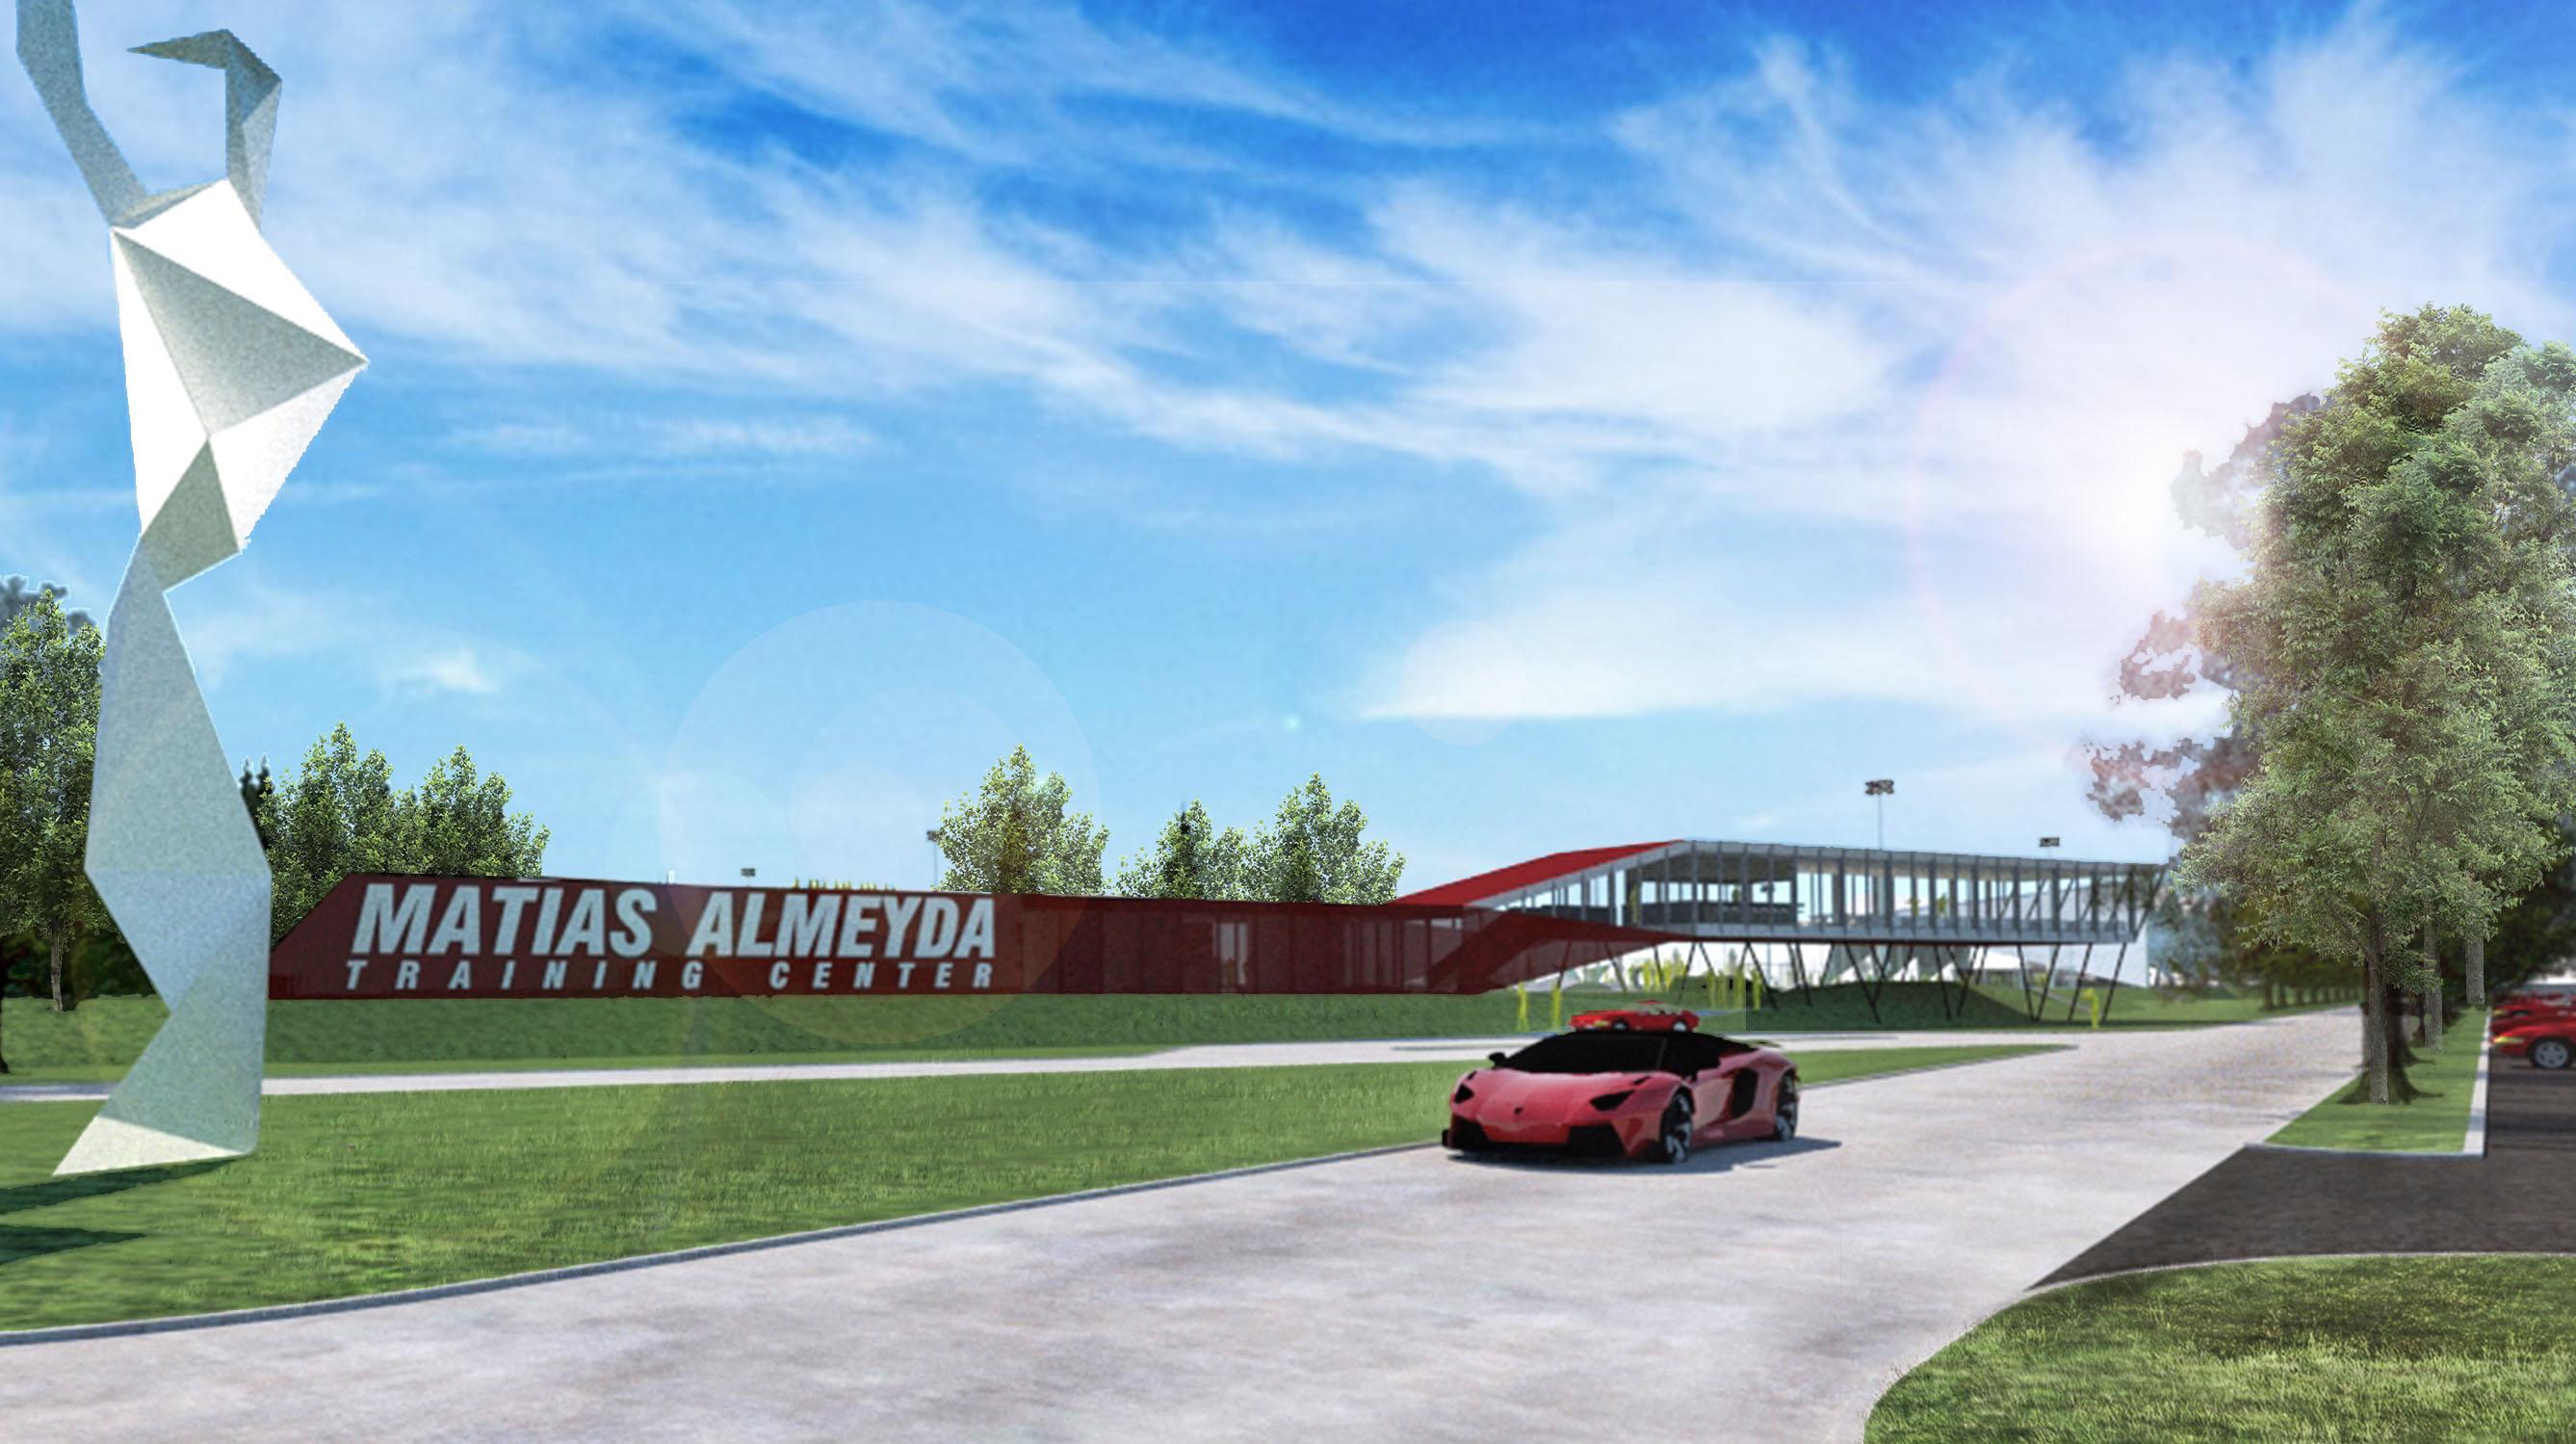 Fachadas modernas en complejos deportivos, columnas modernas en diseño de fachadas